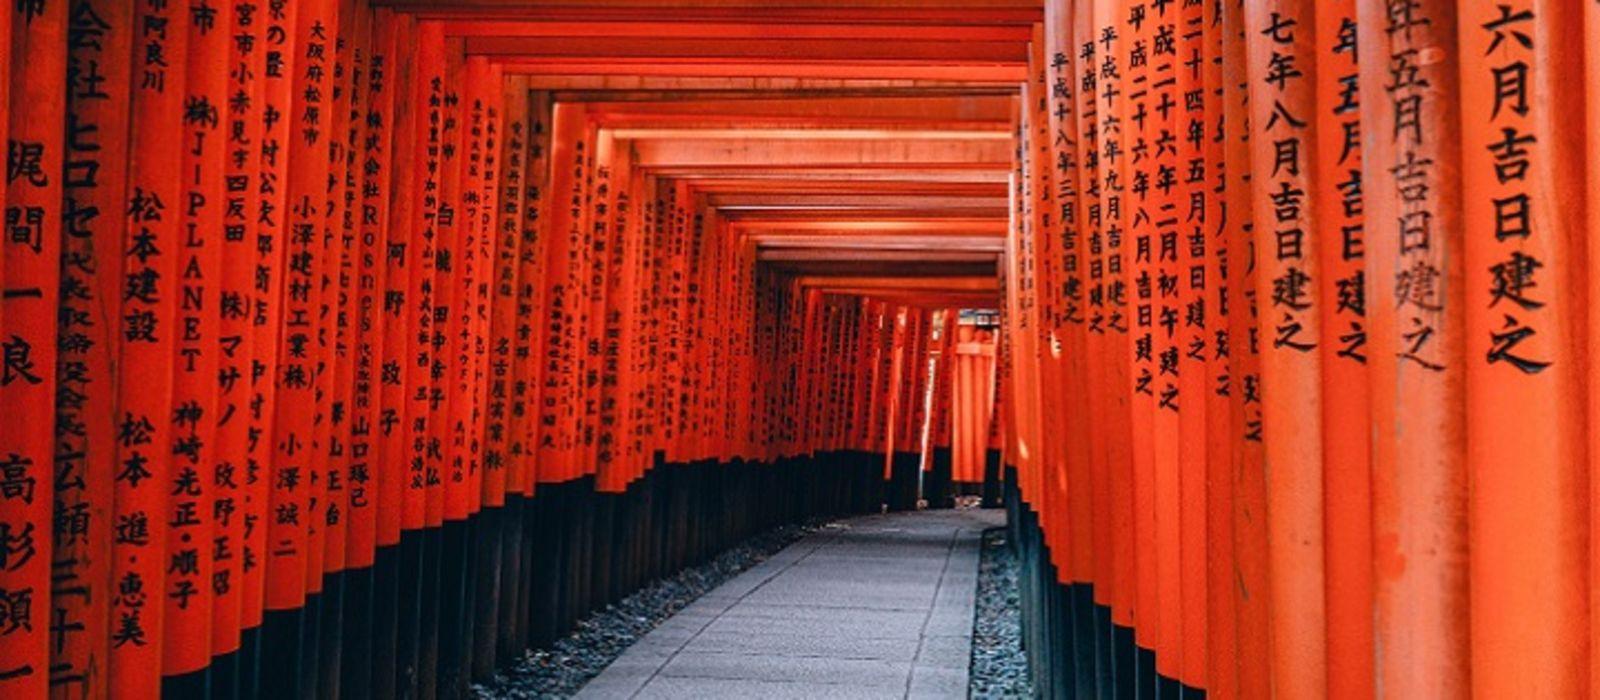 Historic Japan and Koh Samui Beach Escape Tour Trip 2